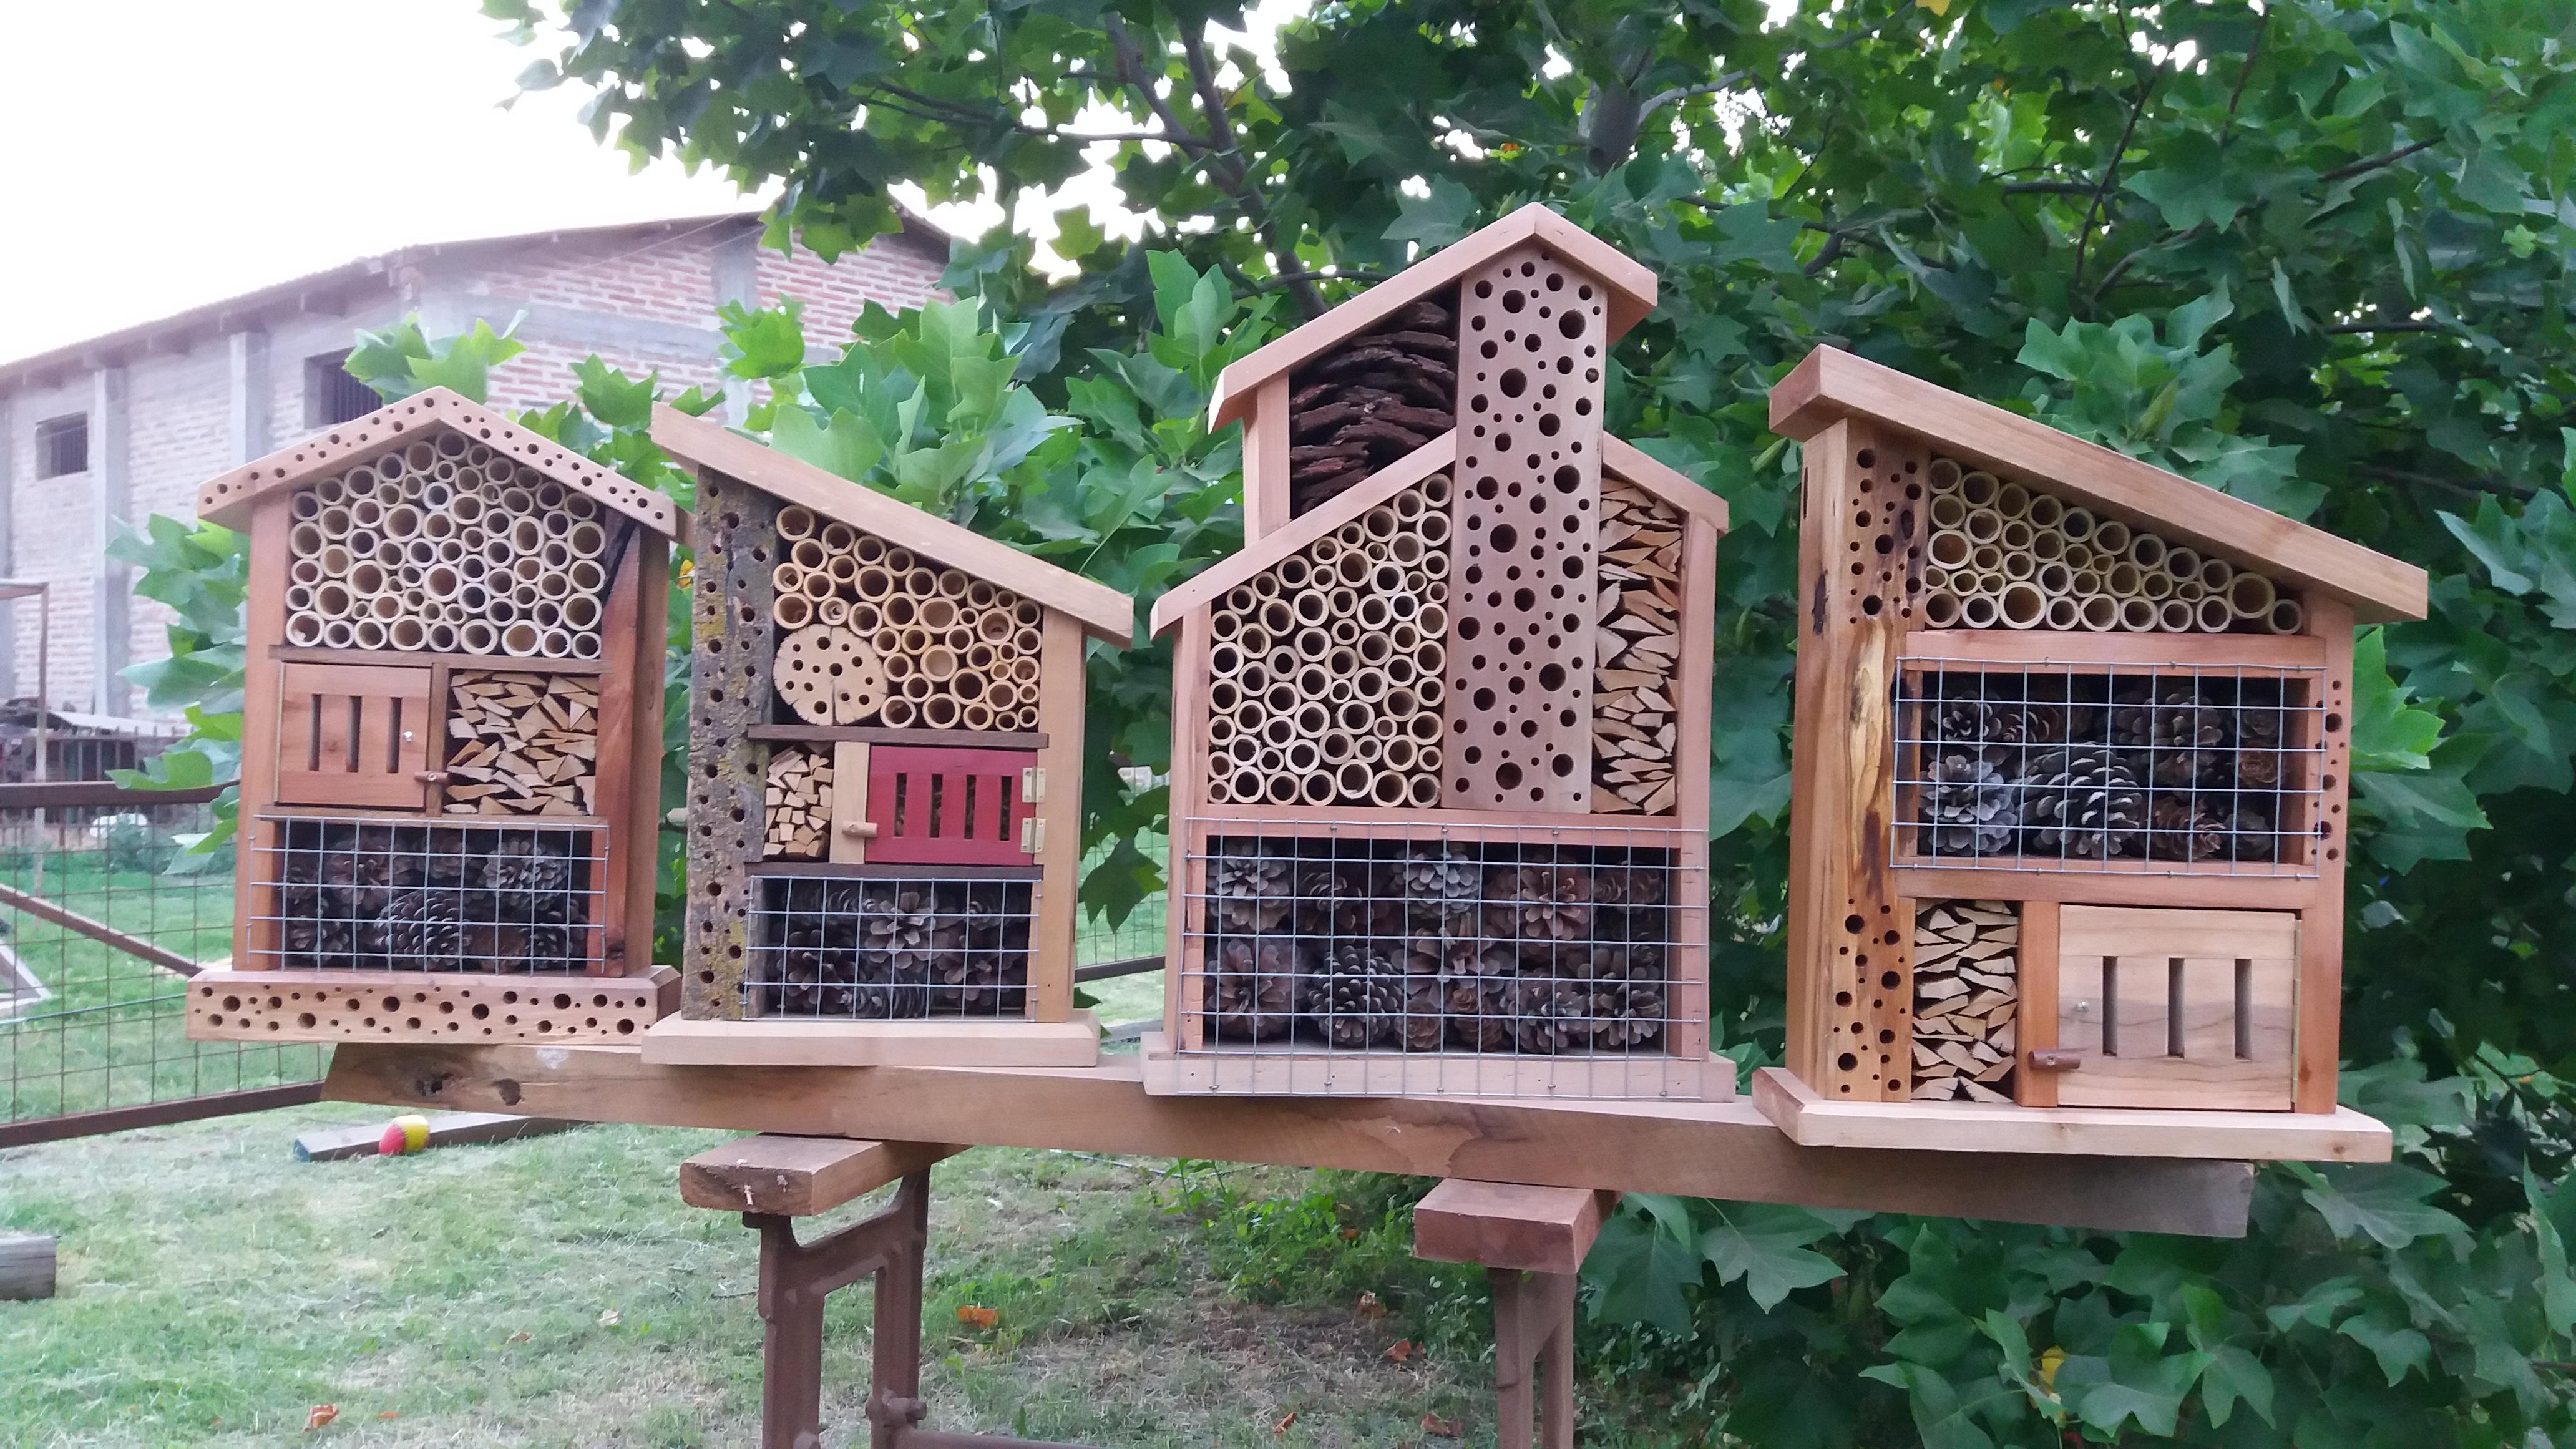 Hoteles anidan a insectos para control natural de plagas